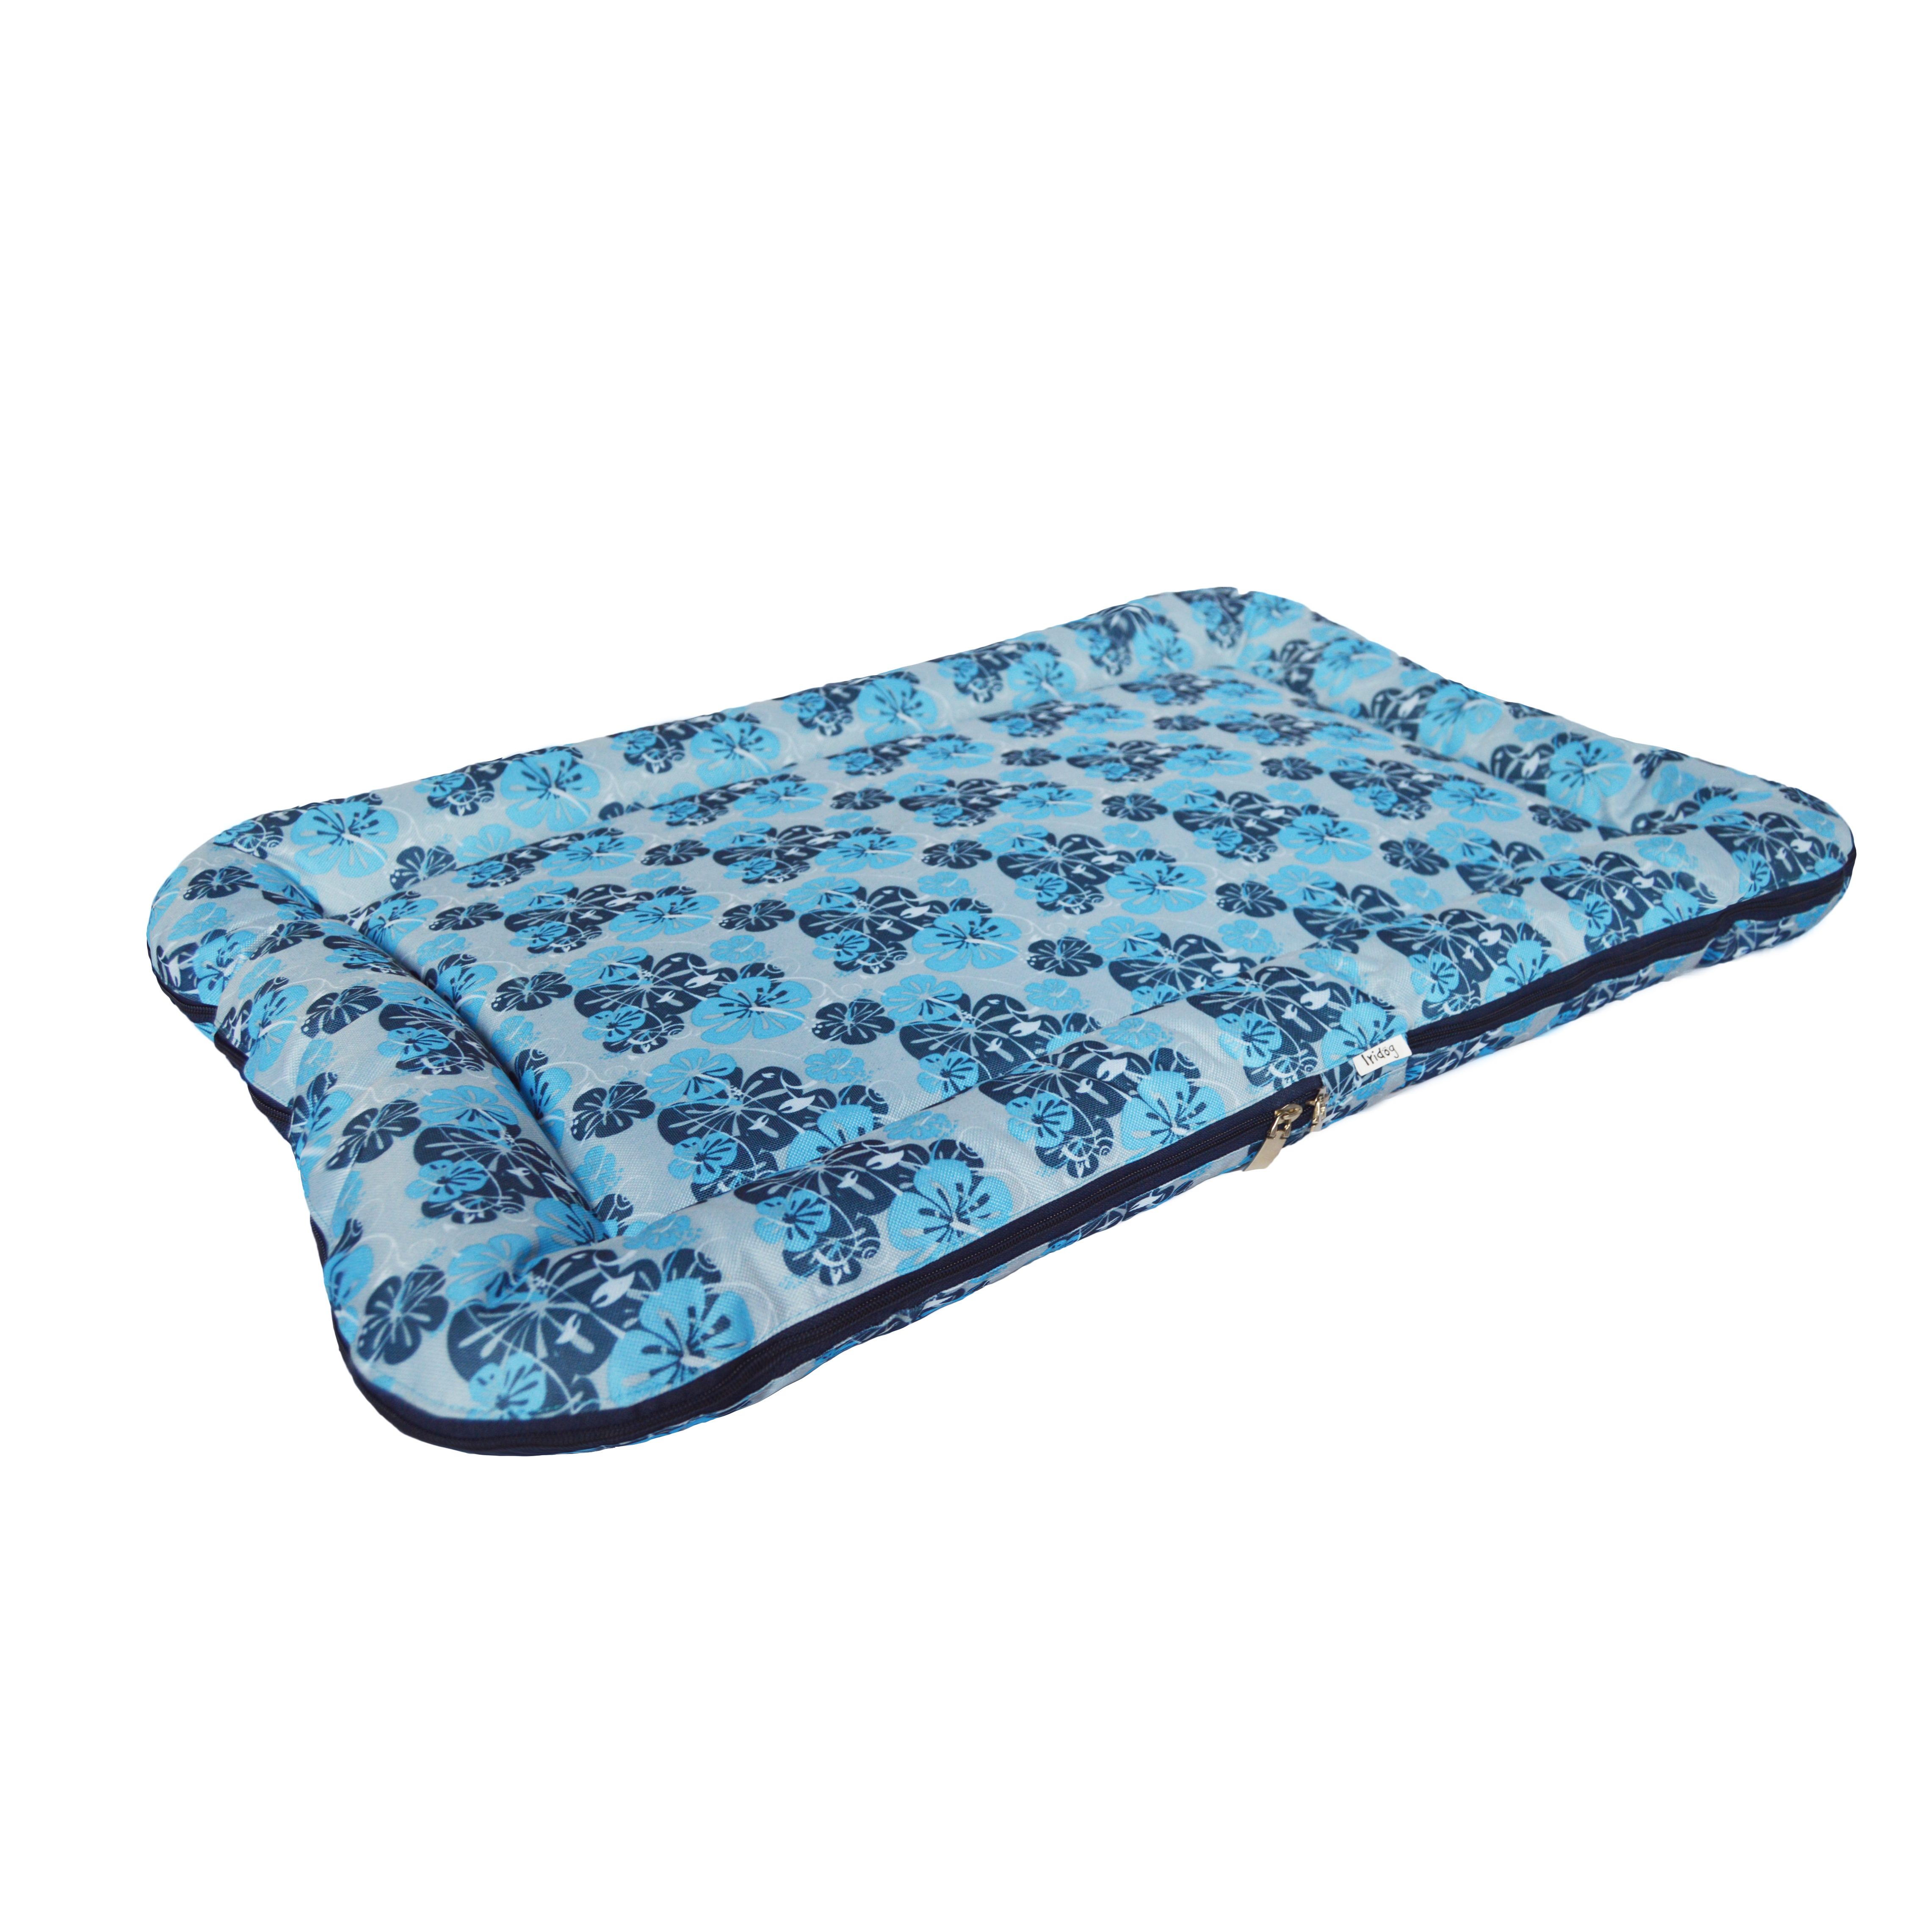 Poduška pro psy no. 45, modrá květinová, vel. 1